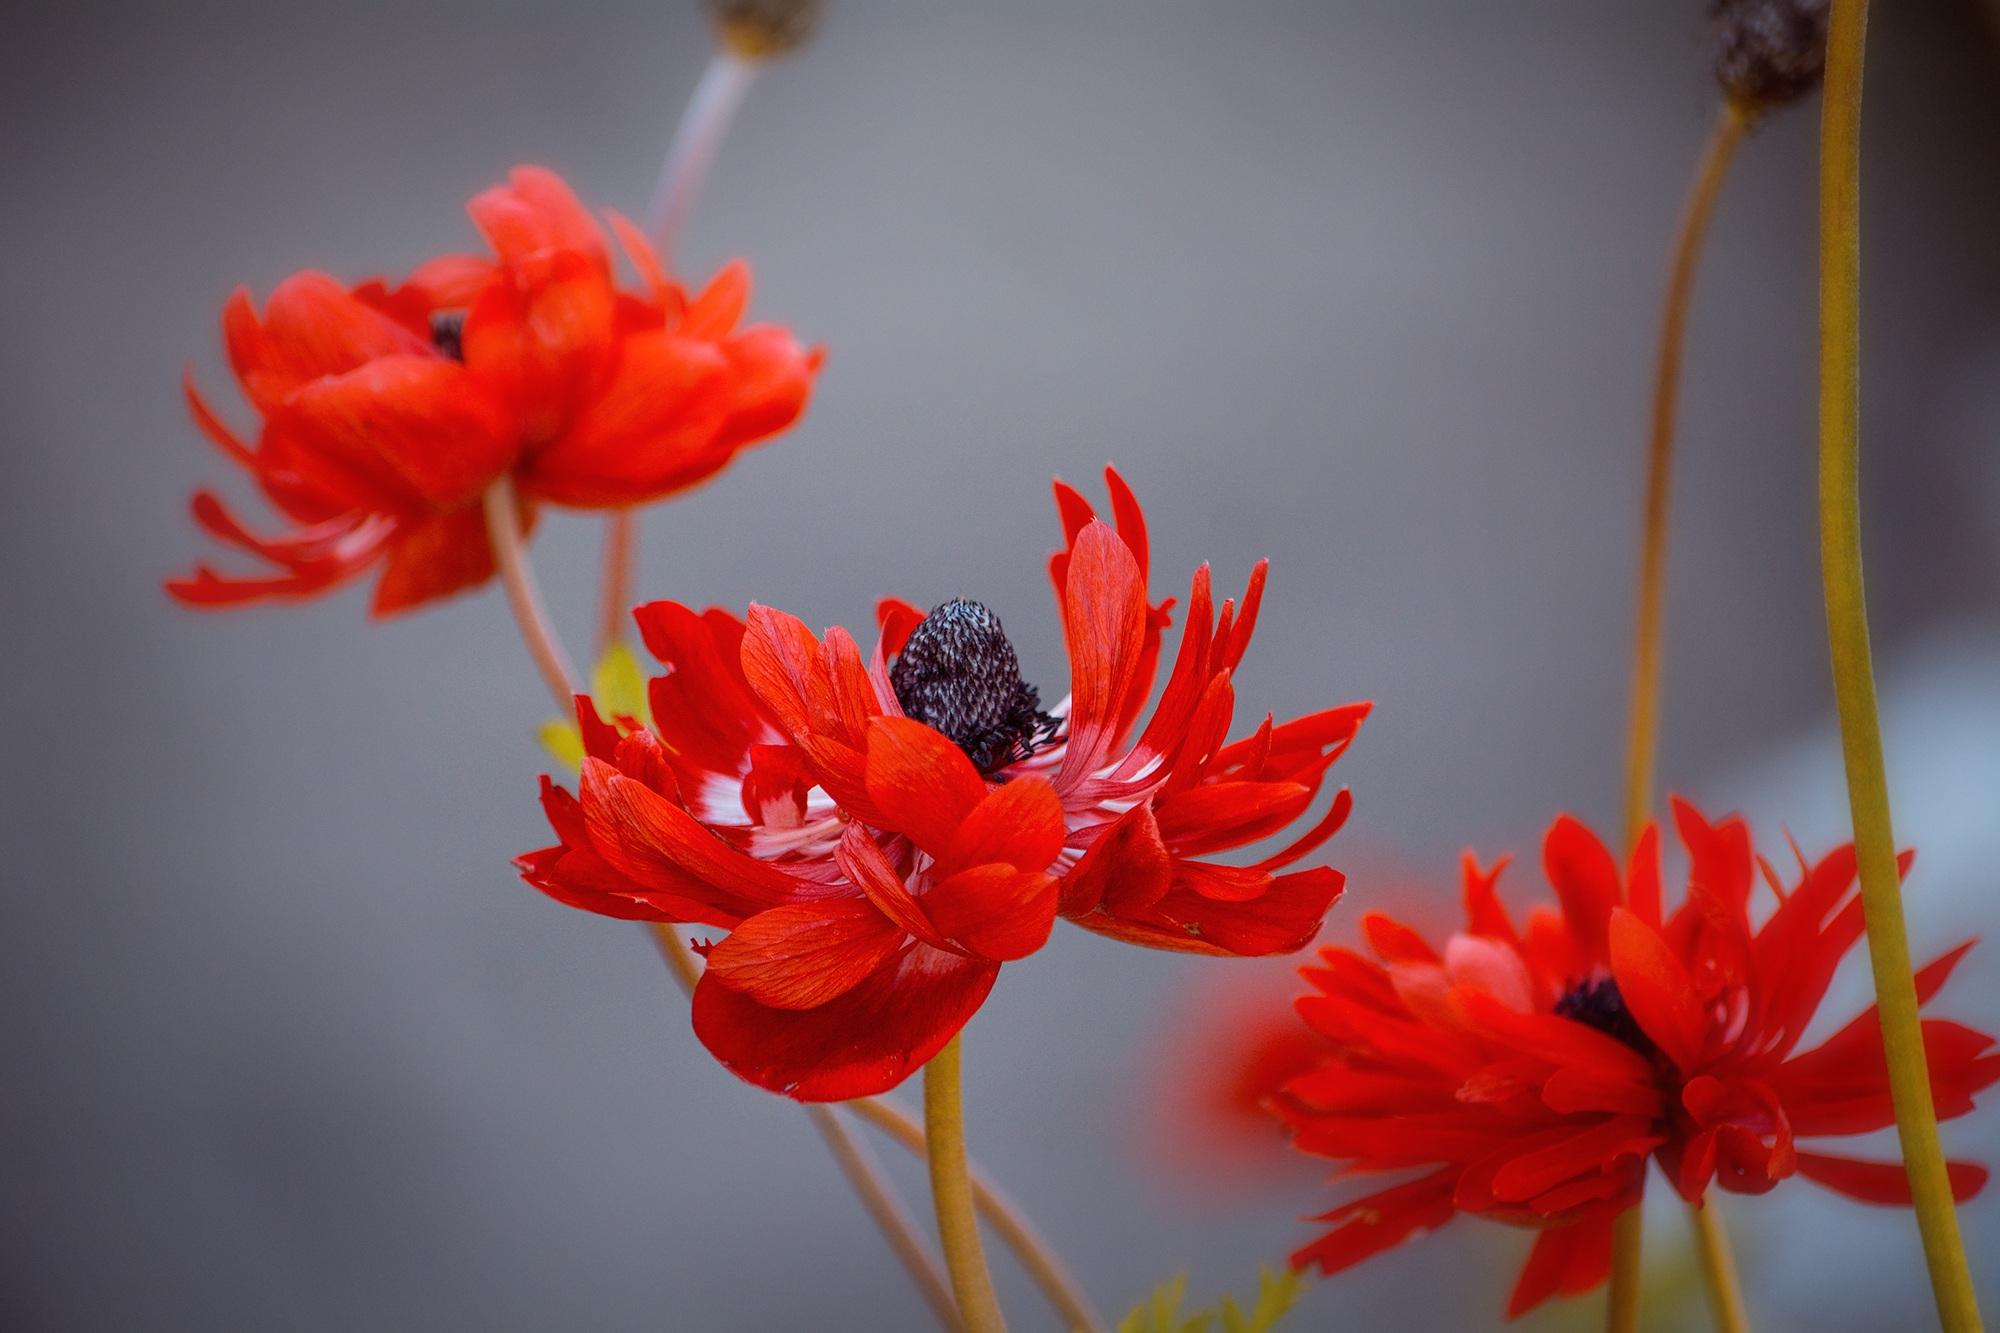 Fotoğraf çiçek Taçyaprağı Yaz Kırmızı Kapat Bitki örtüsü